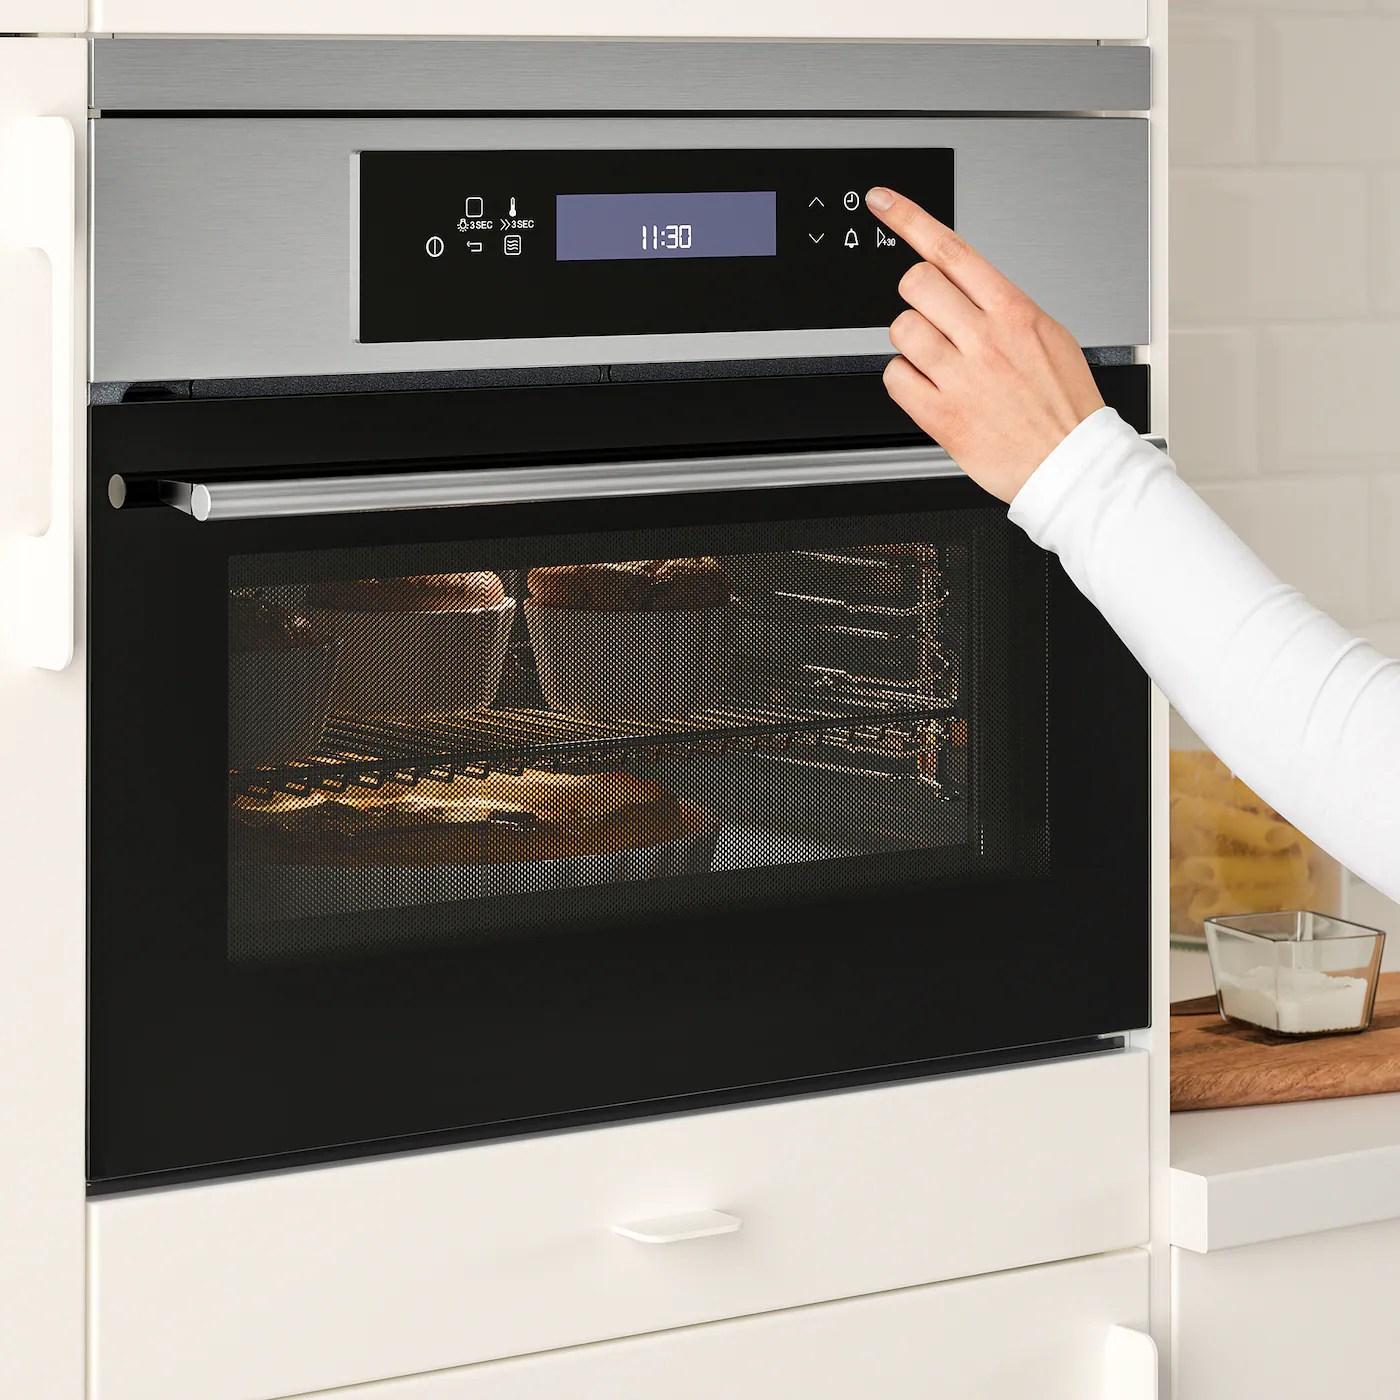 kulinarisk mikrowelle mit heissluft